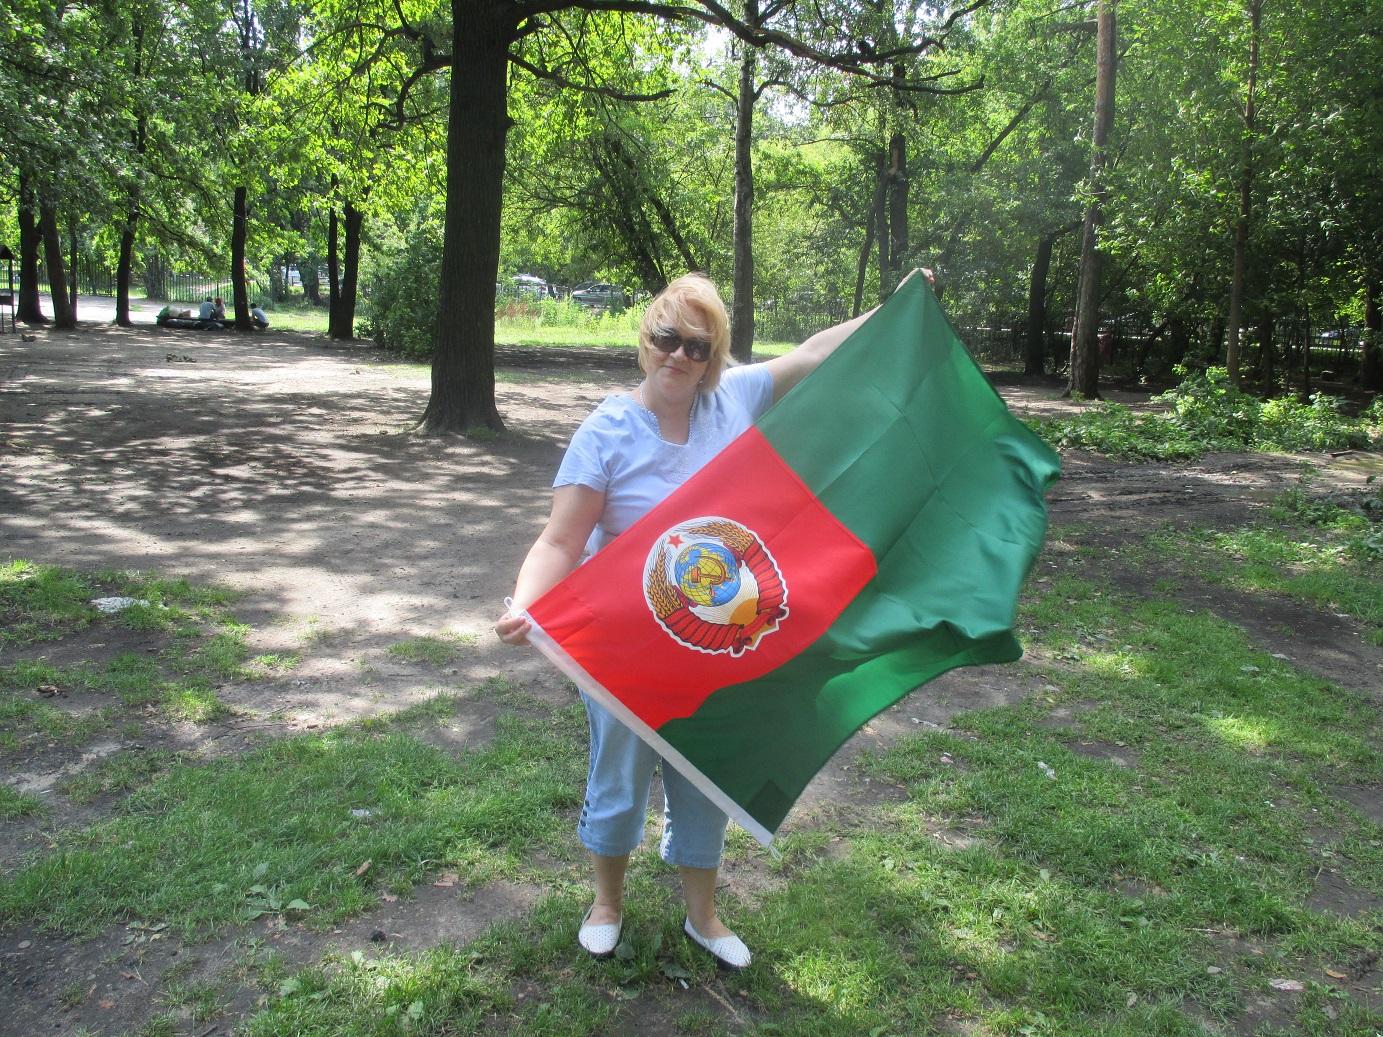 Оксана с флагом Председателя КГБ СССР